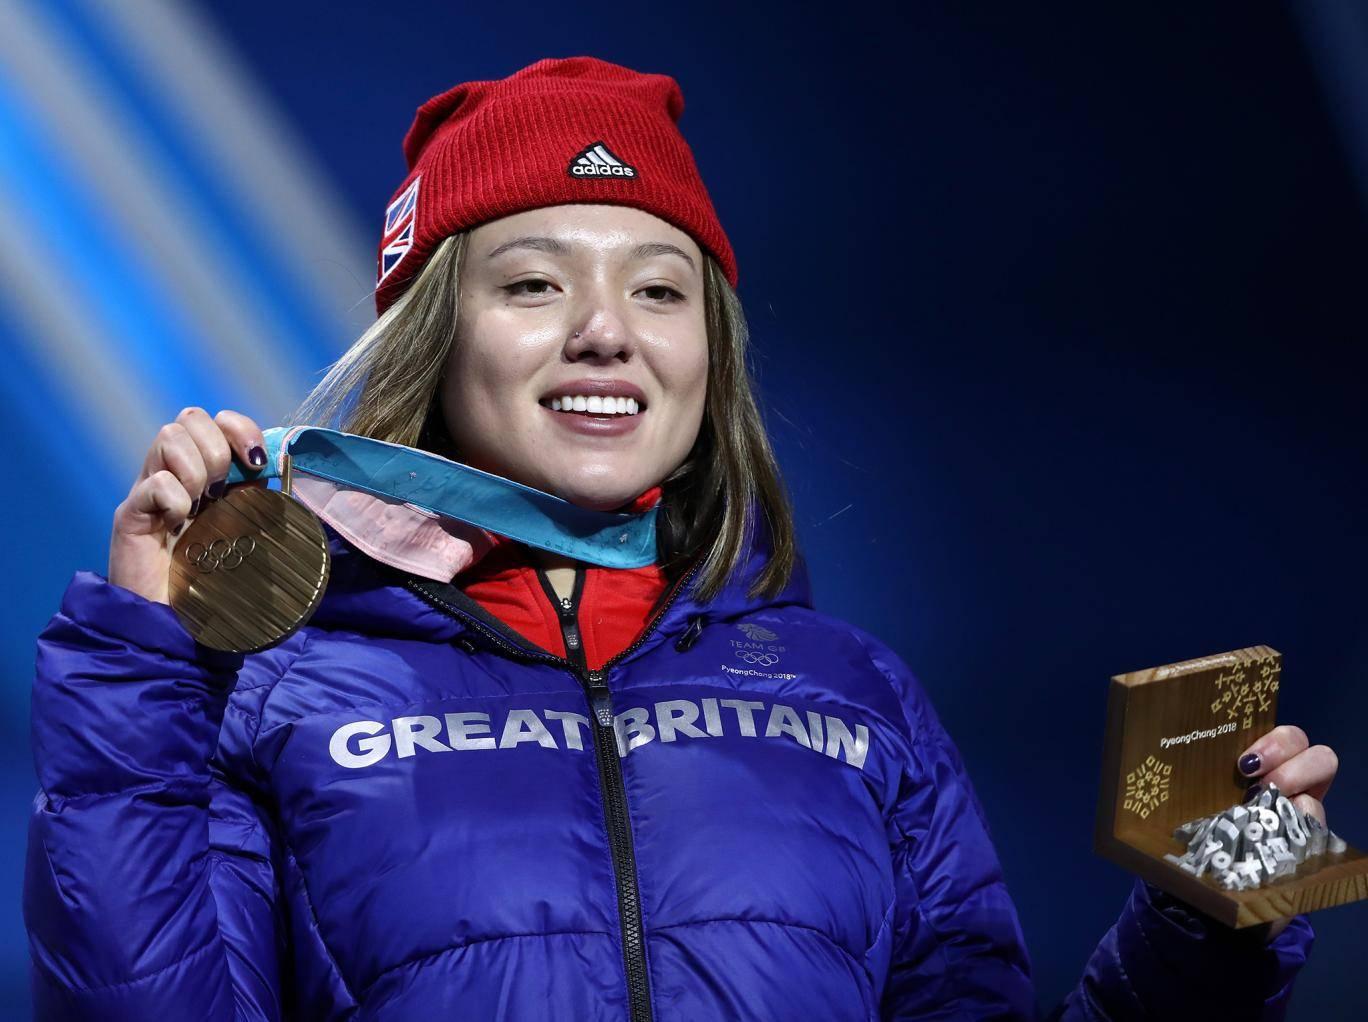 Izzy atkin Wins Bronze